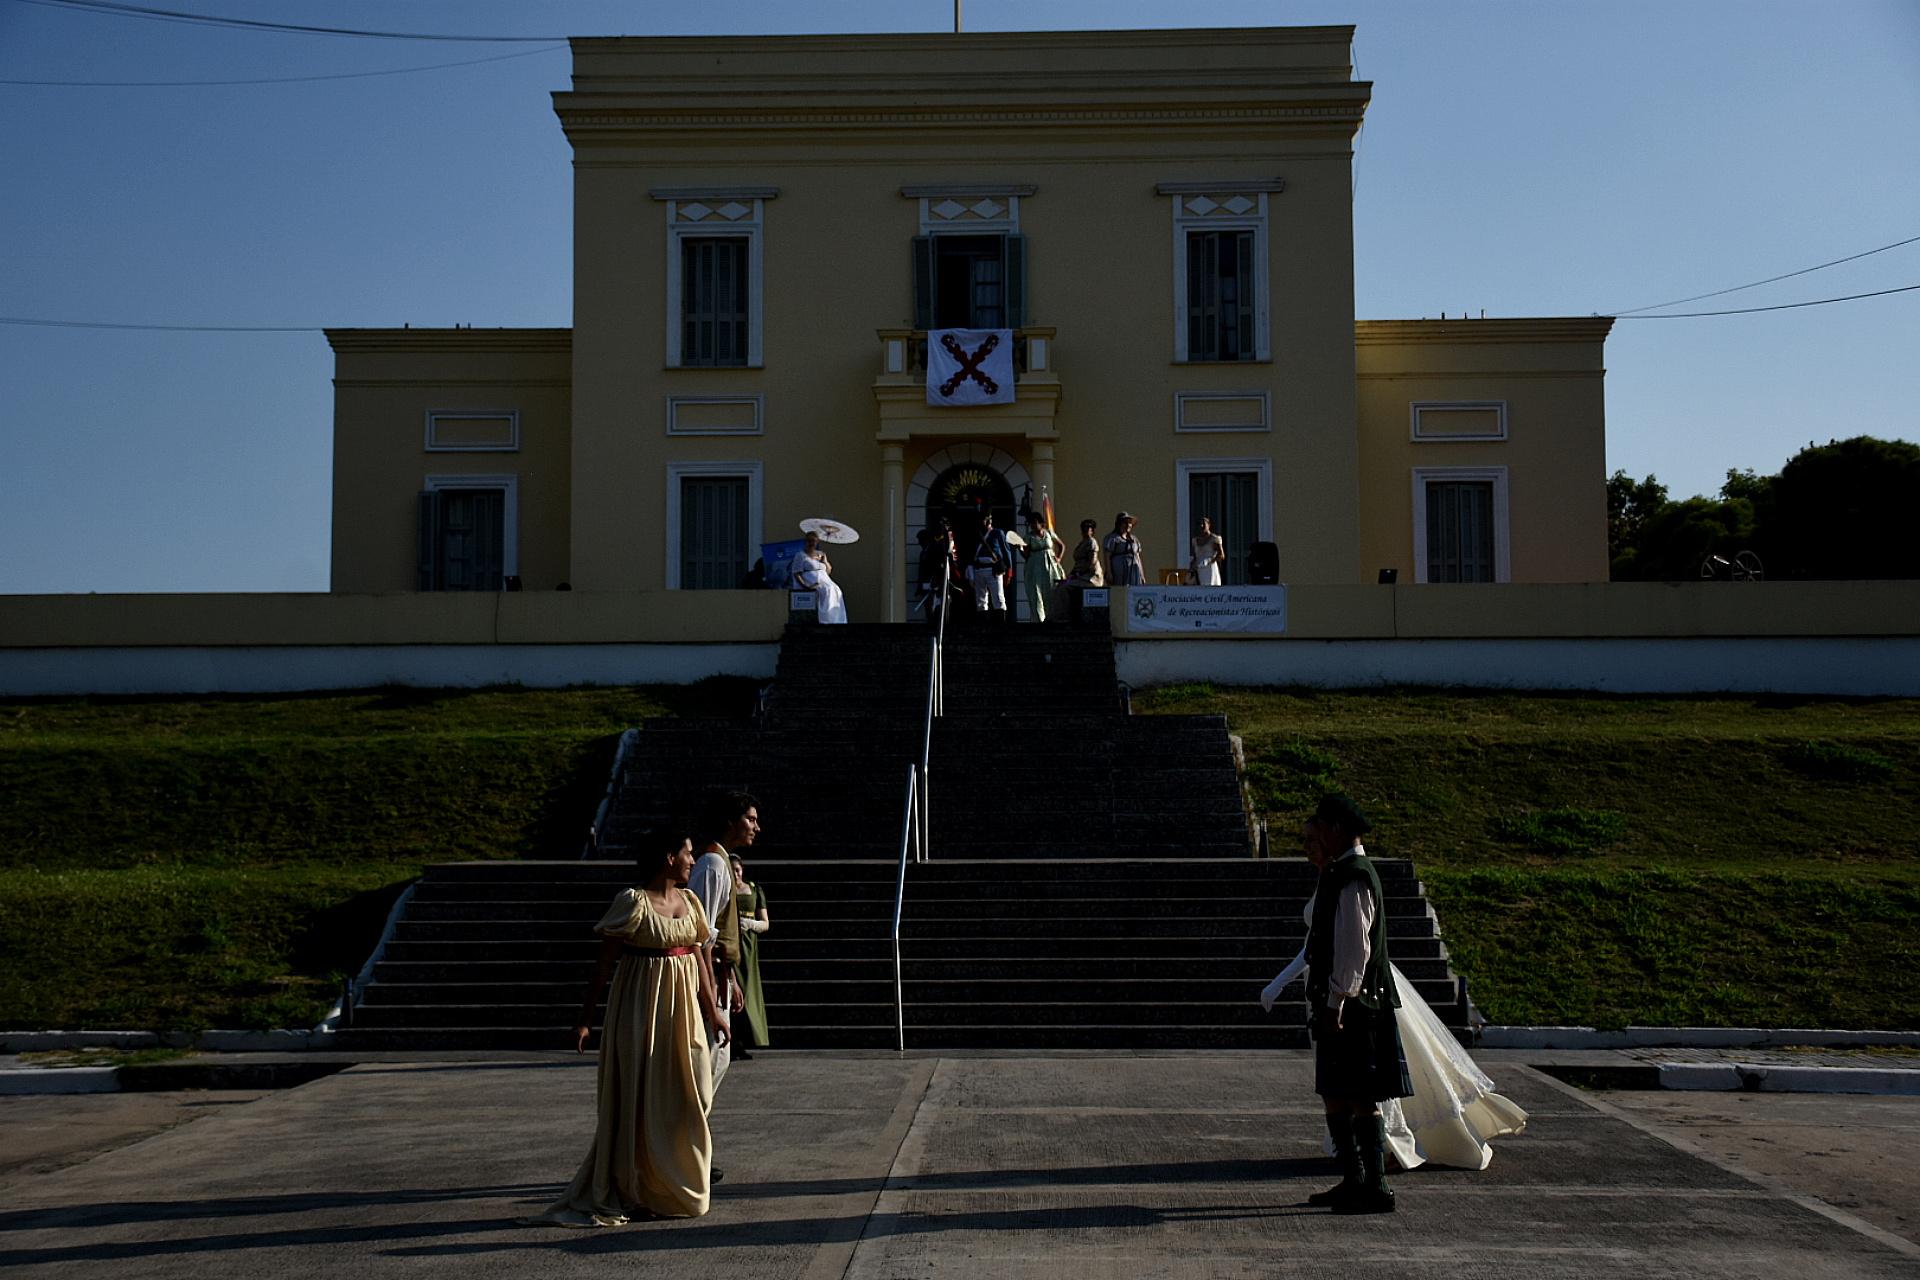 El evento inició a las 15 y se desplegó en el museo de la Casa Amarilla, réplica de la residencia del almirante Guillermo Brown e histórico emblema del barrio porteño de La Boca